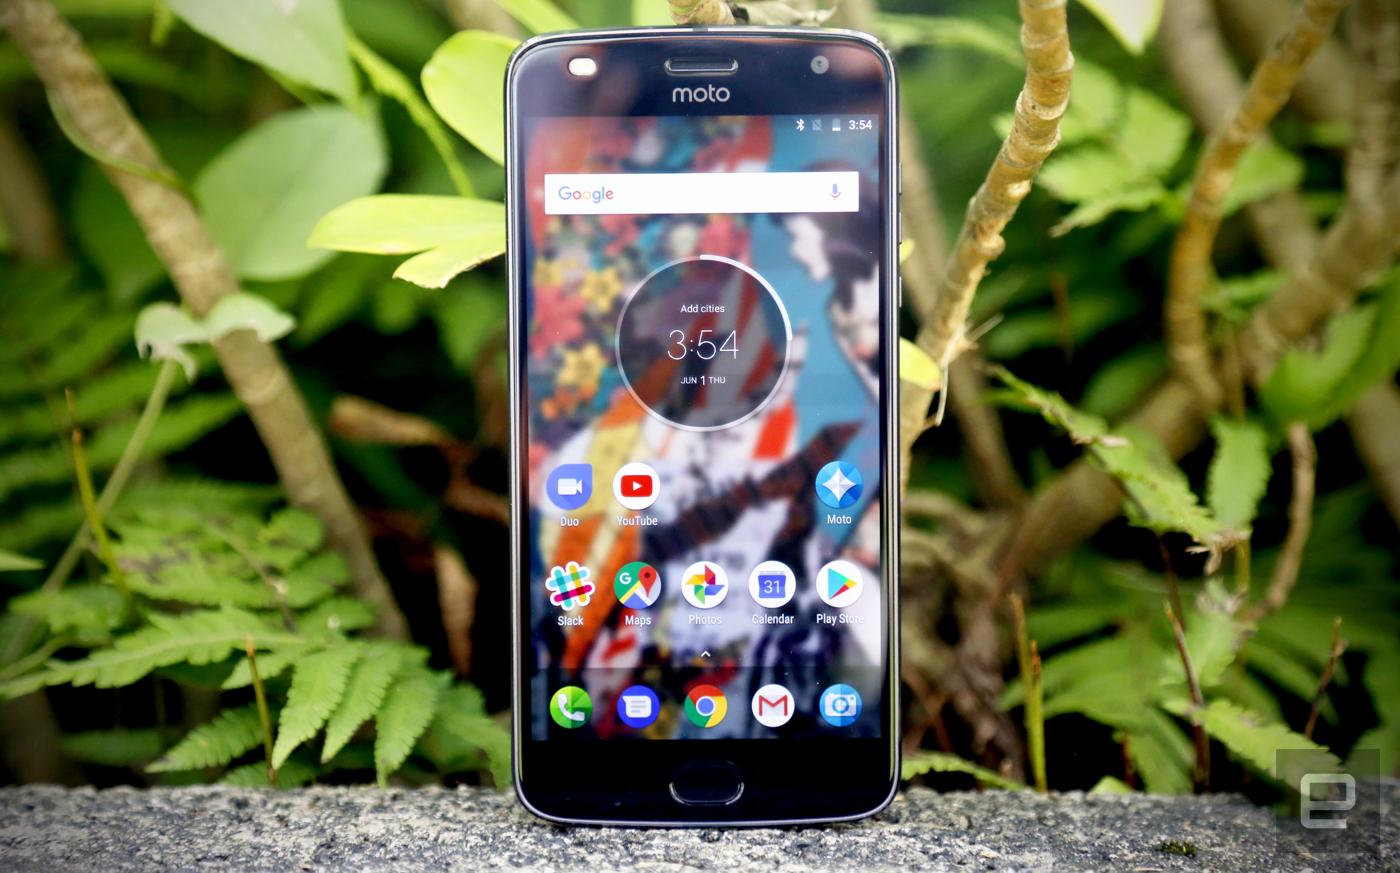 The best phones under $500